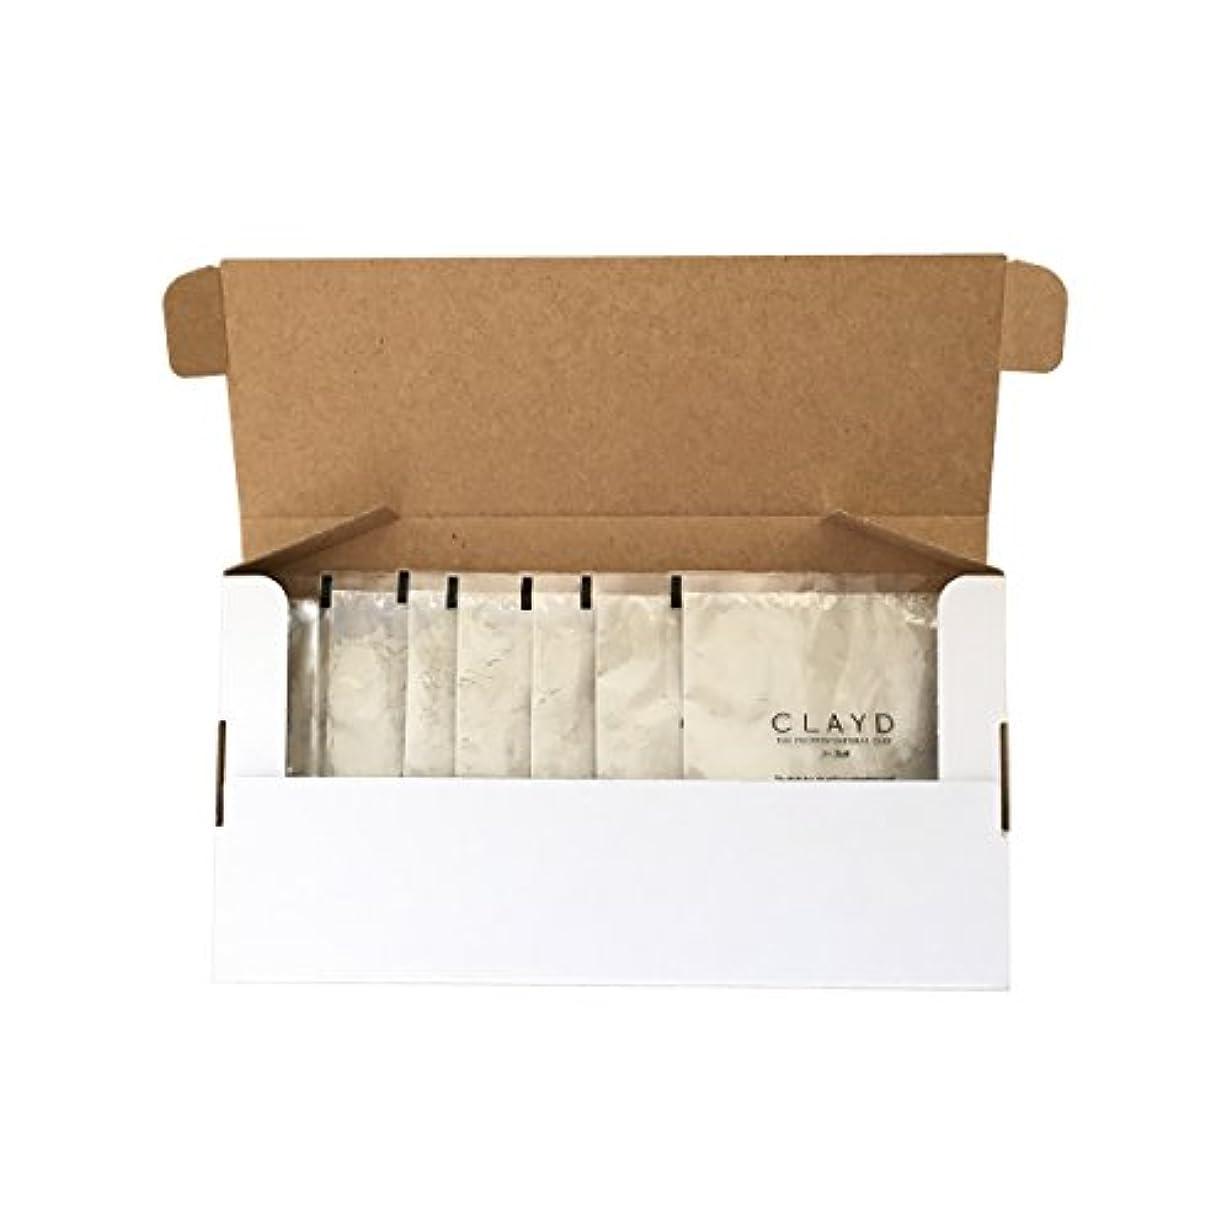 見習い困惑する普通のCLAYD for Bath(クレイドフォーバス)ONE WEEK TRIAL(30g×7袋)